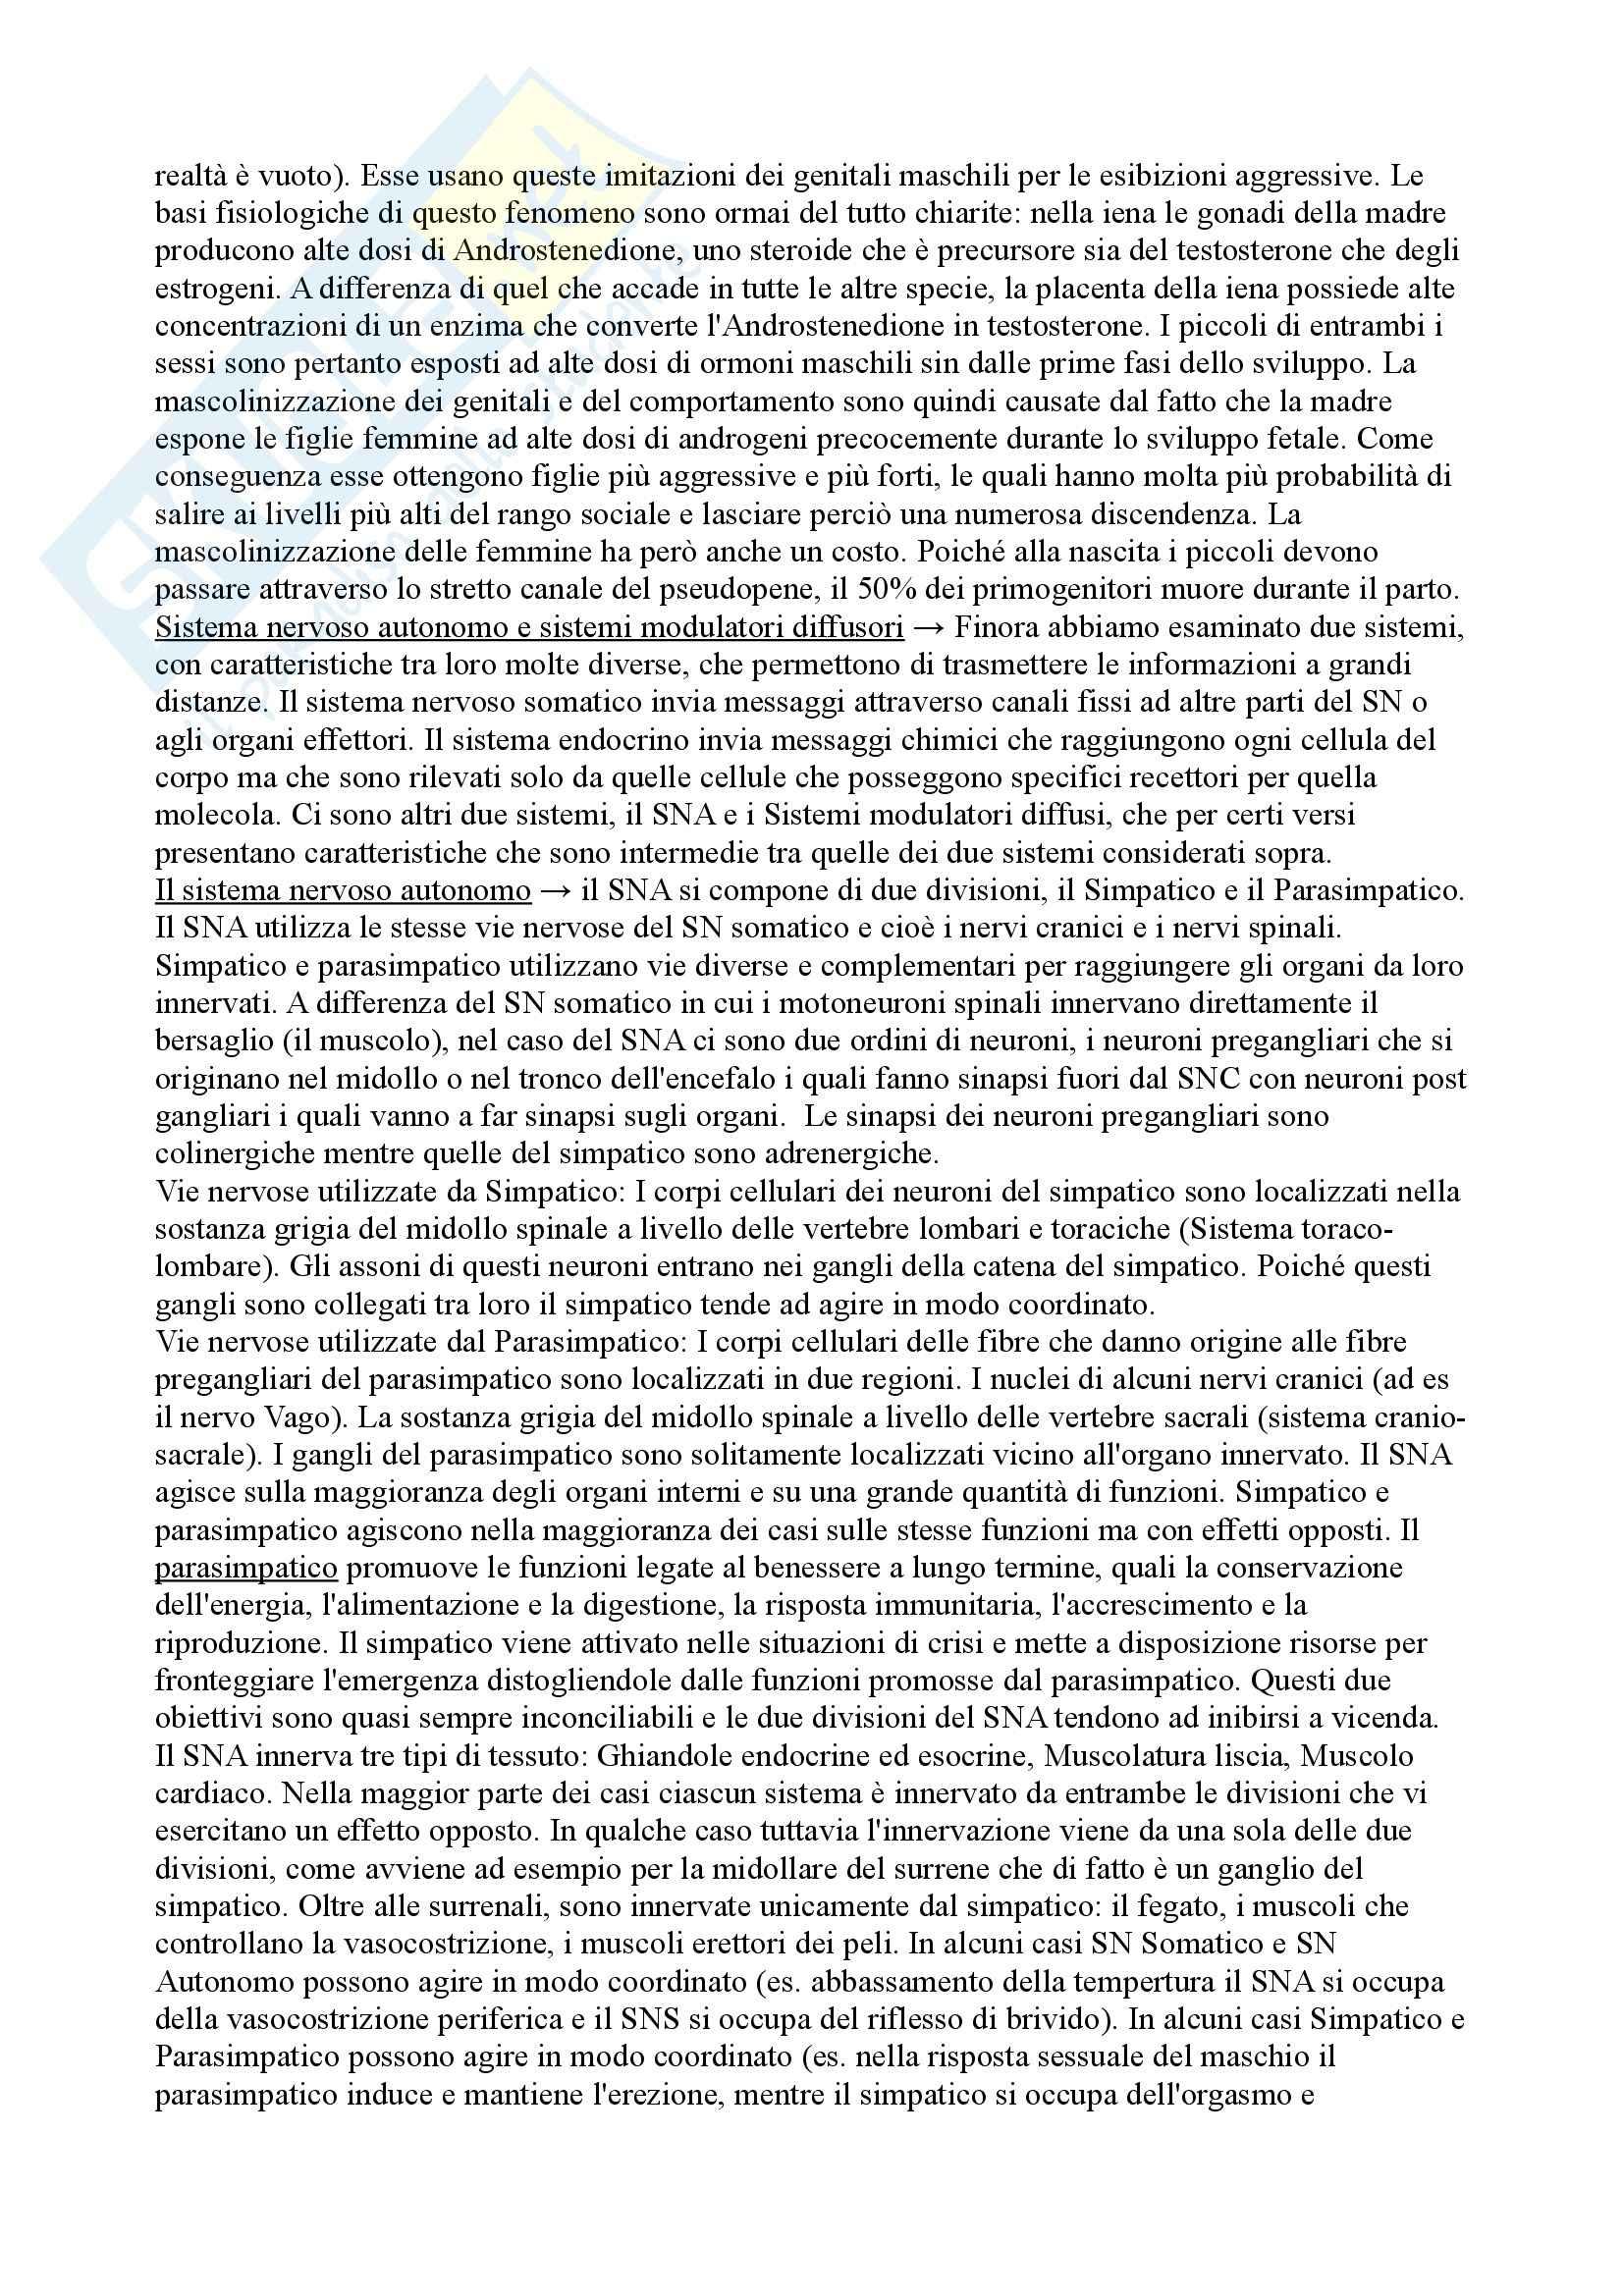 Riassunto esame Psicobiologia, prof. Bisazza Pag. 41